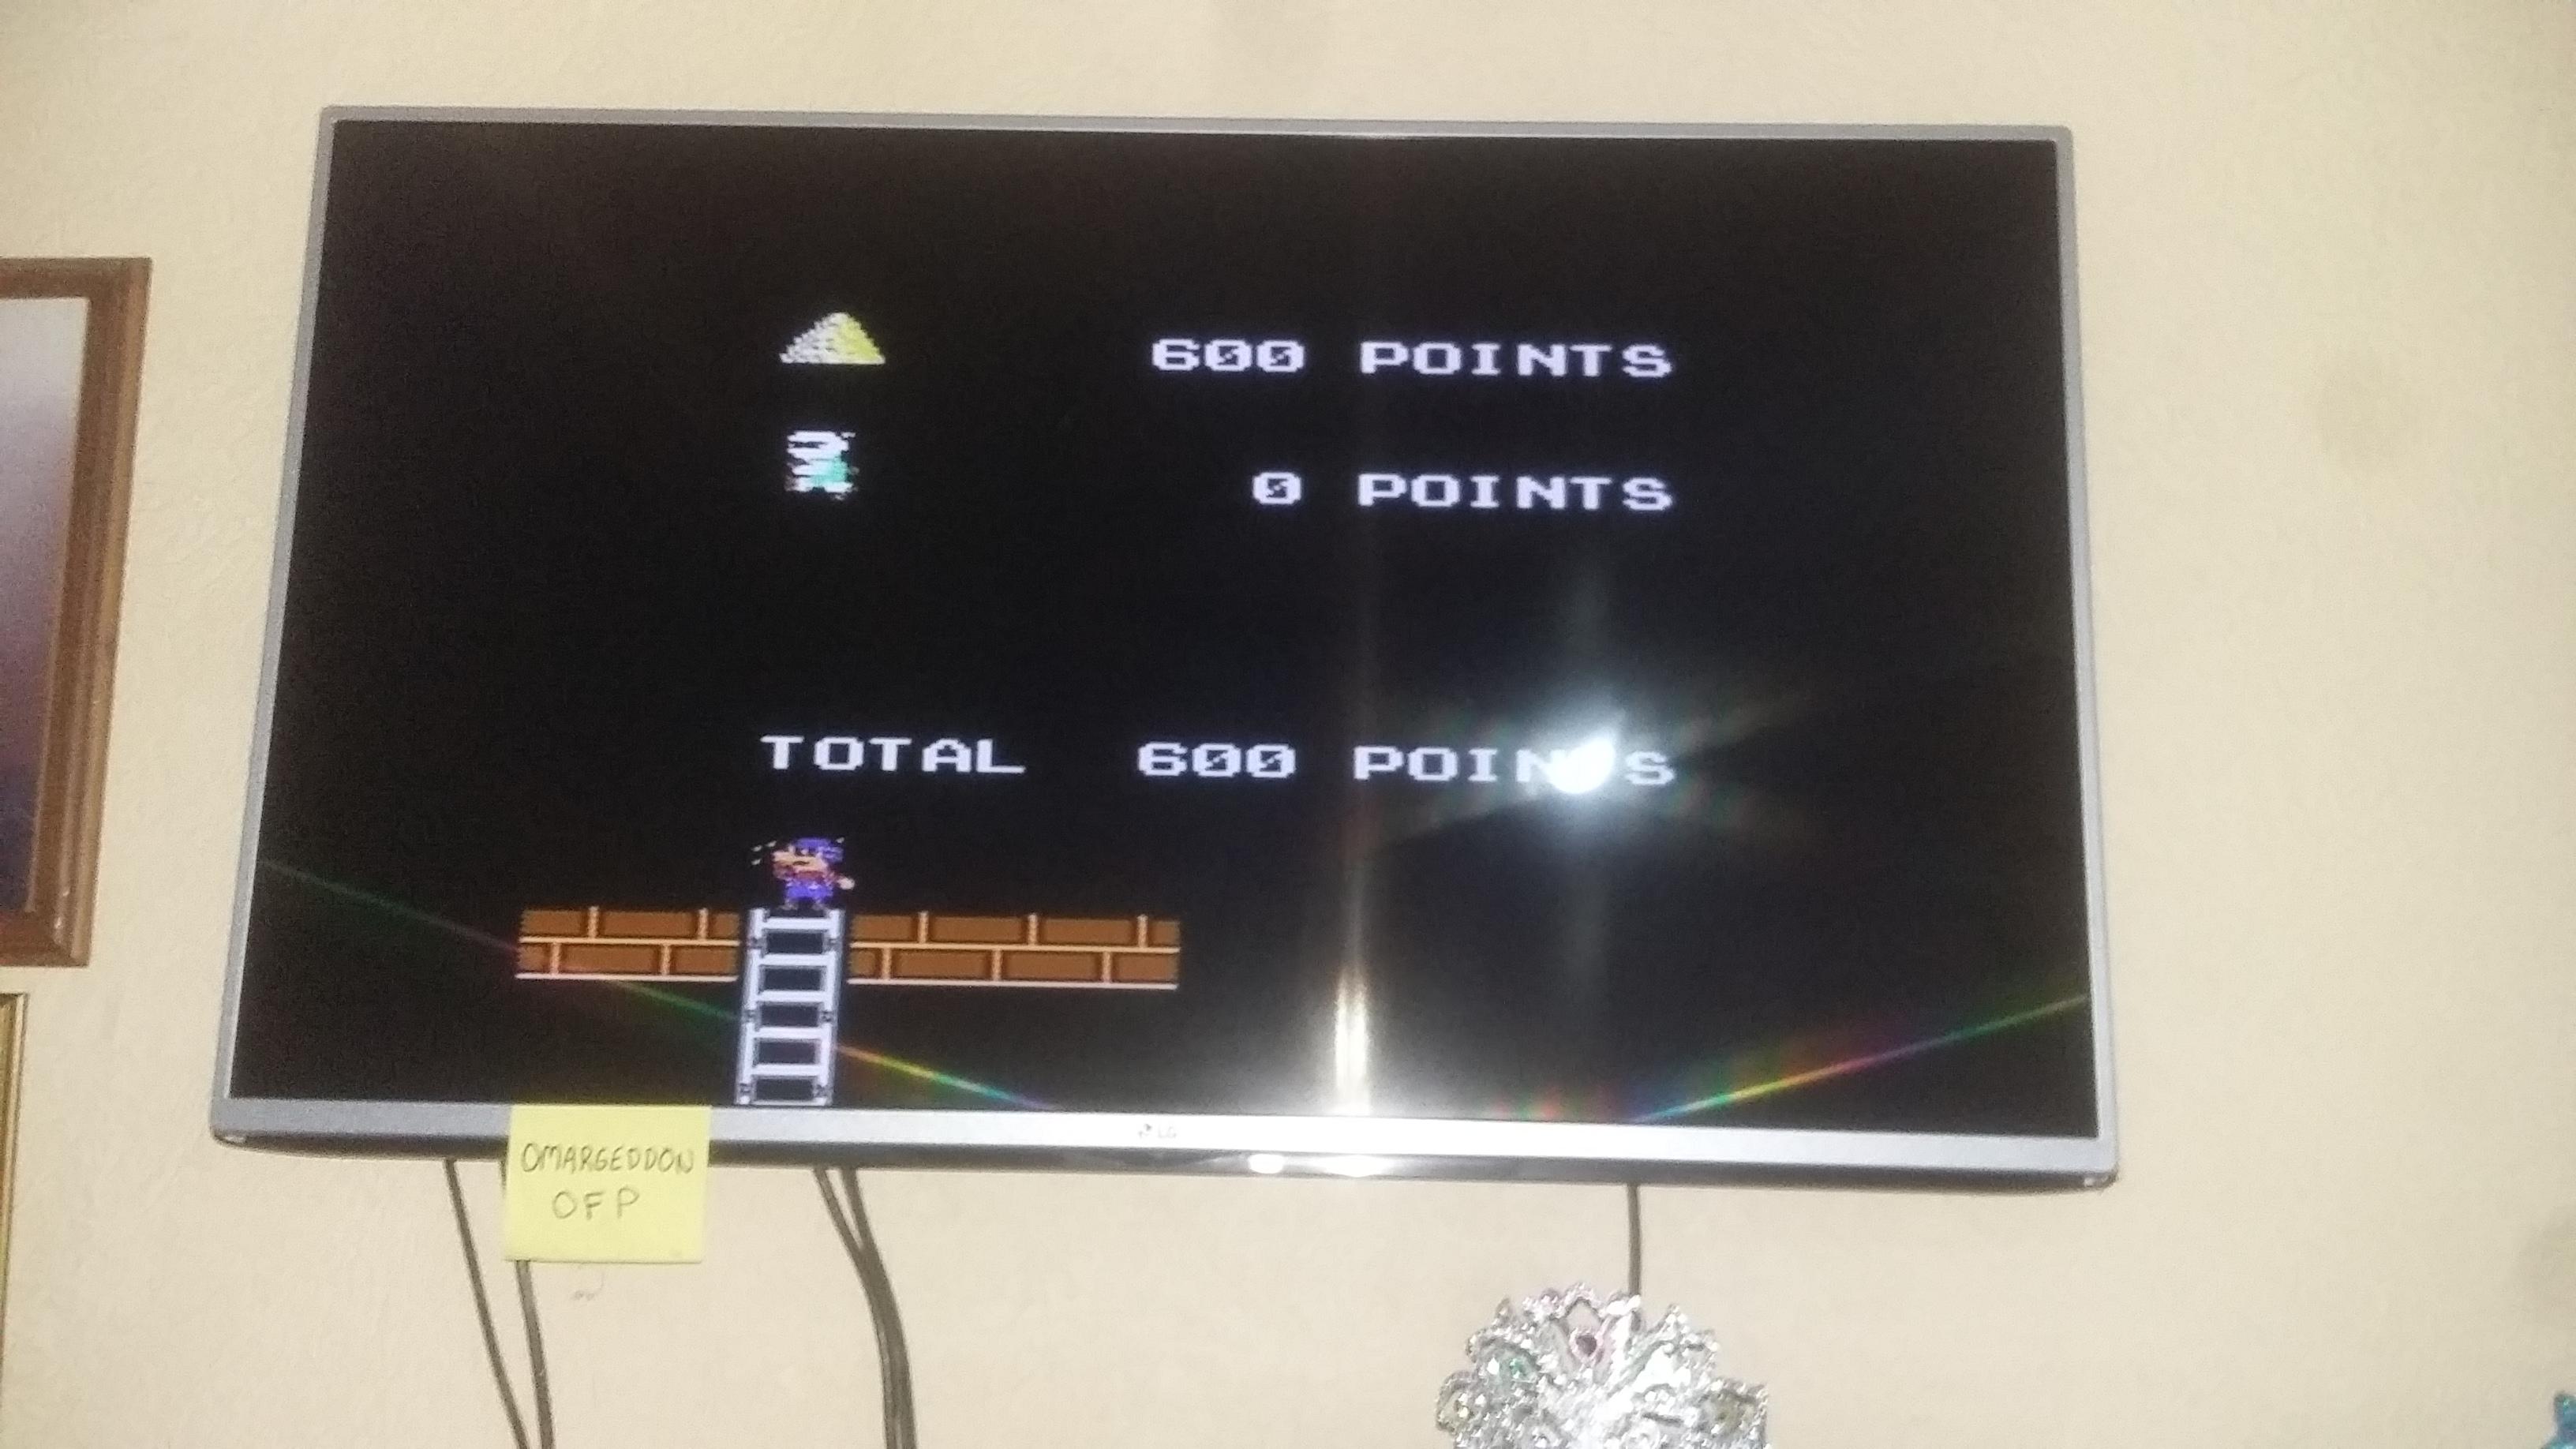 Lode Runner 600 points